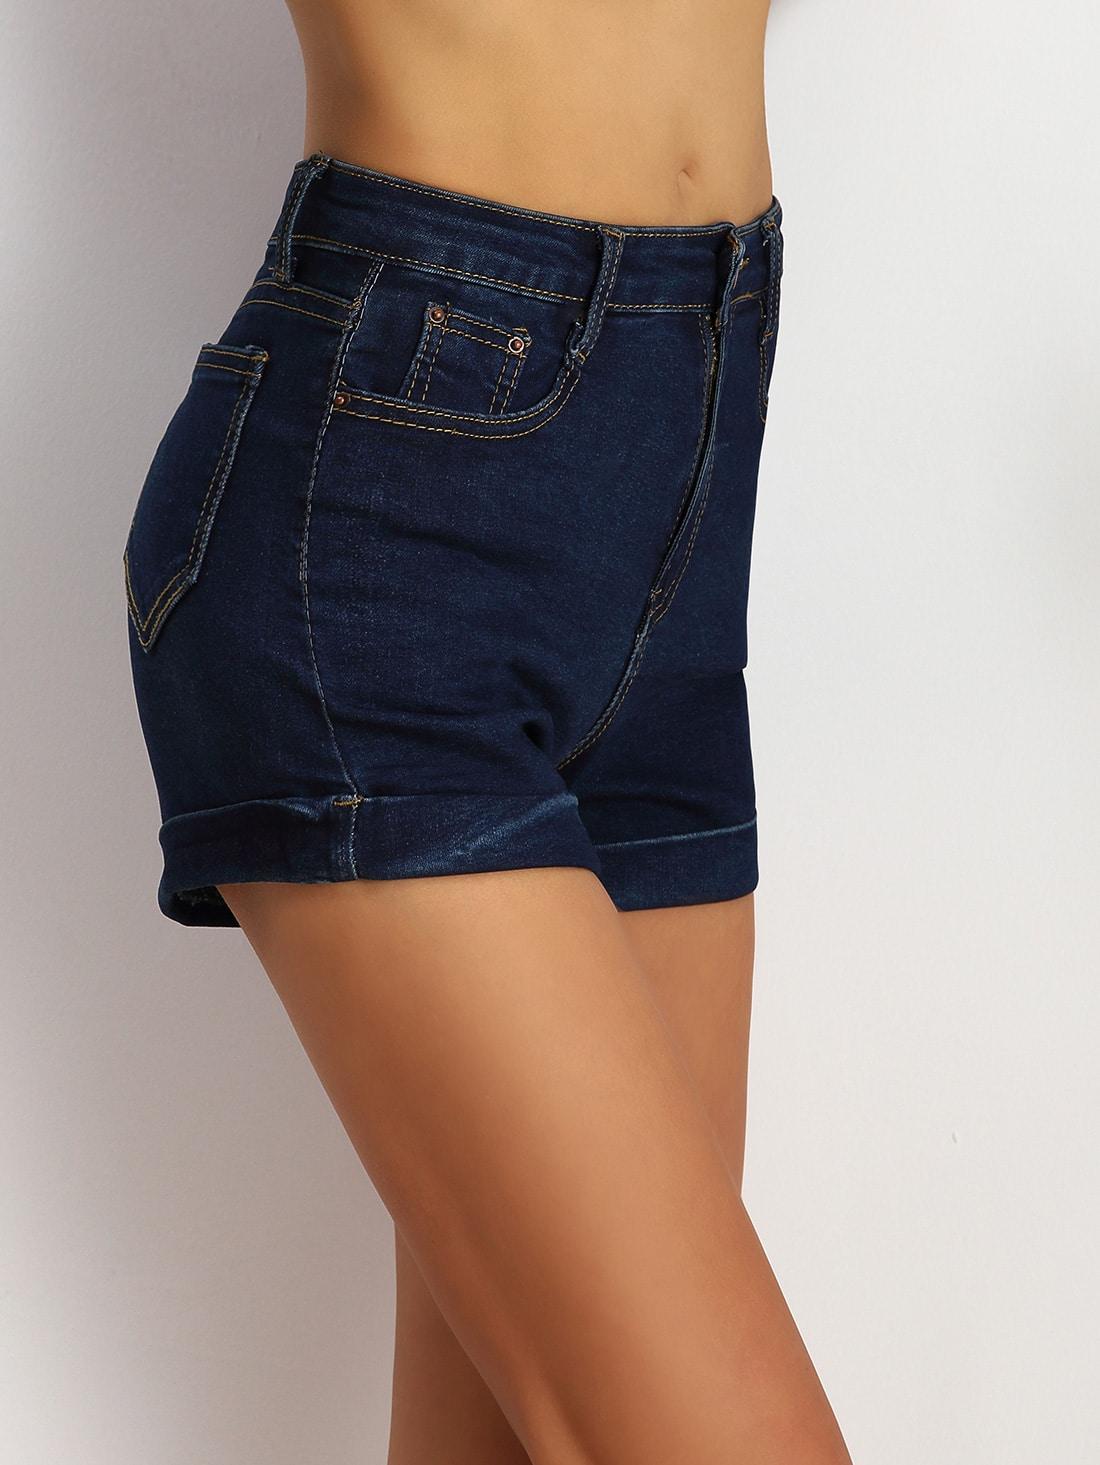 Navy Pockets Denim Shorts -SheIn(Sheinside)